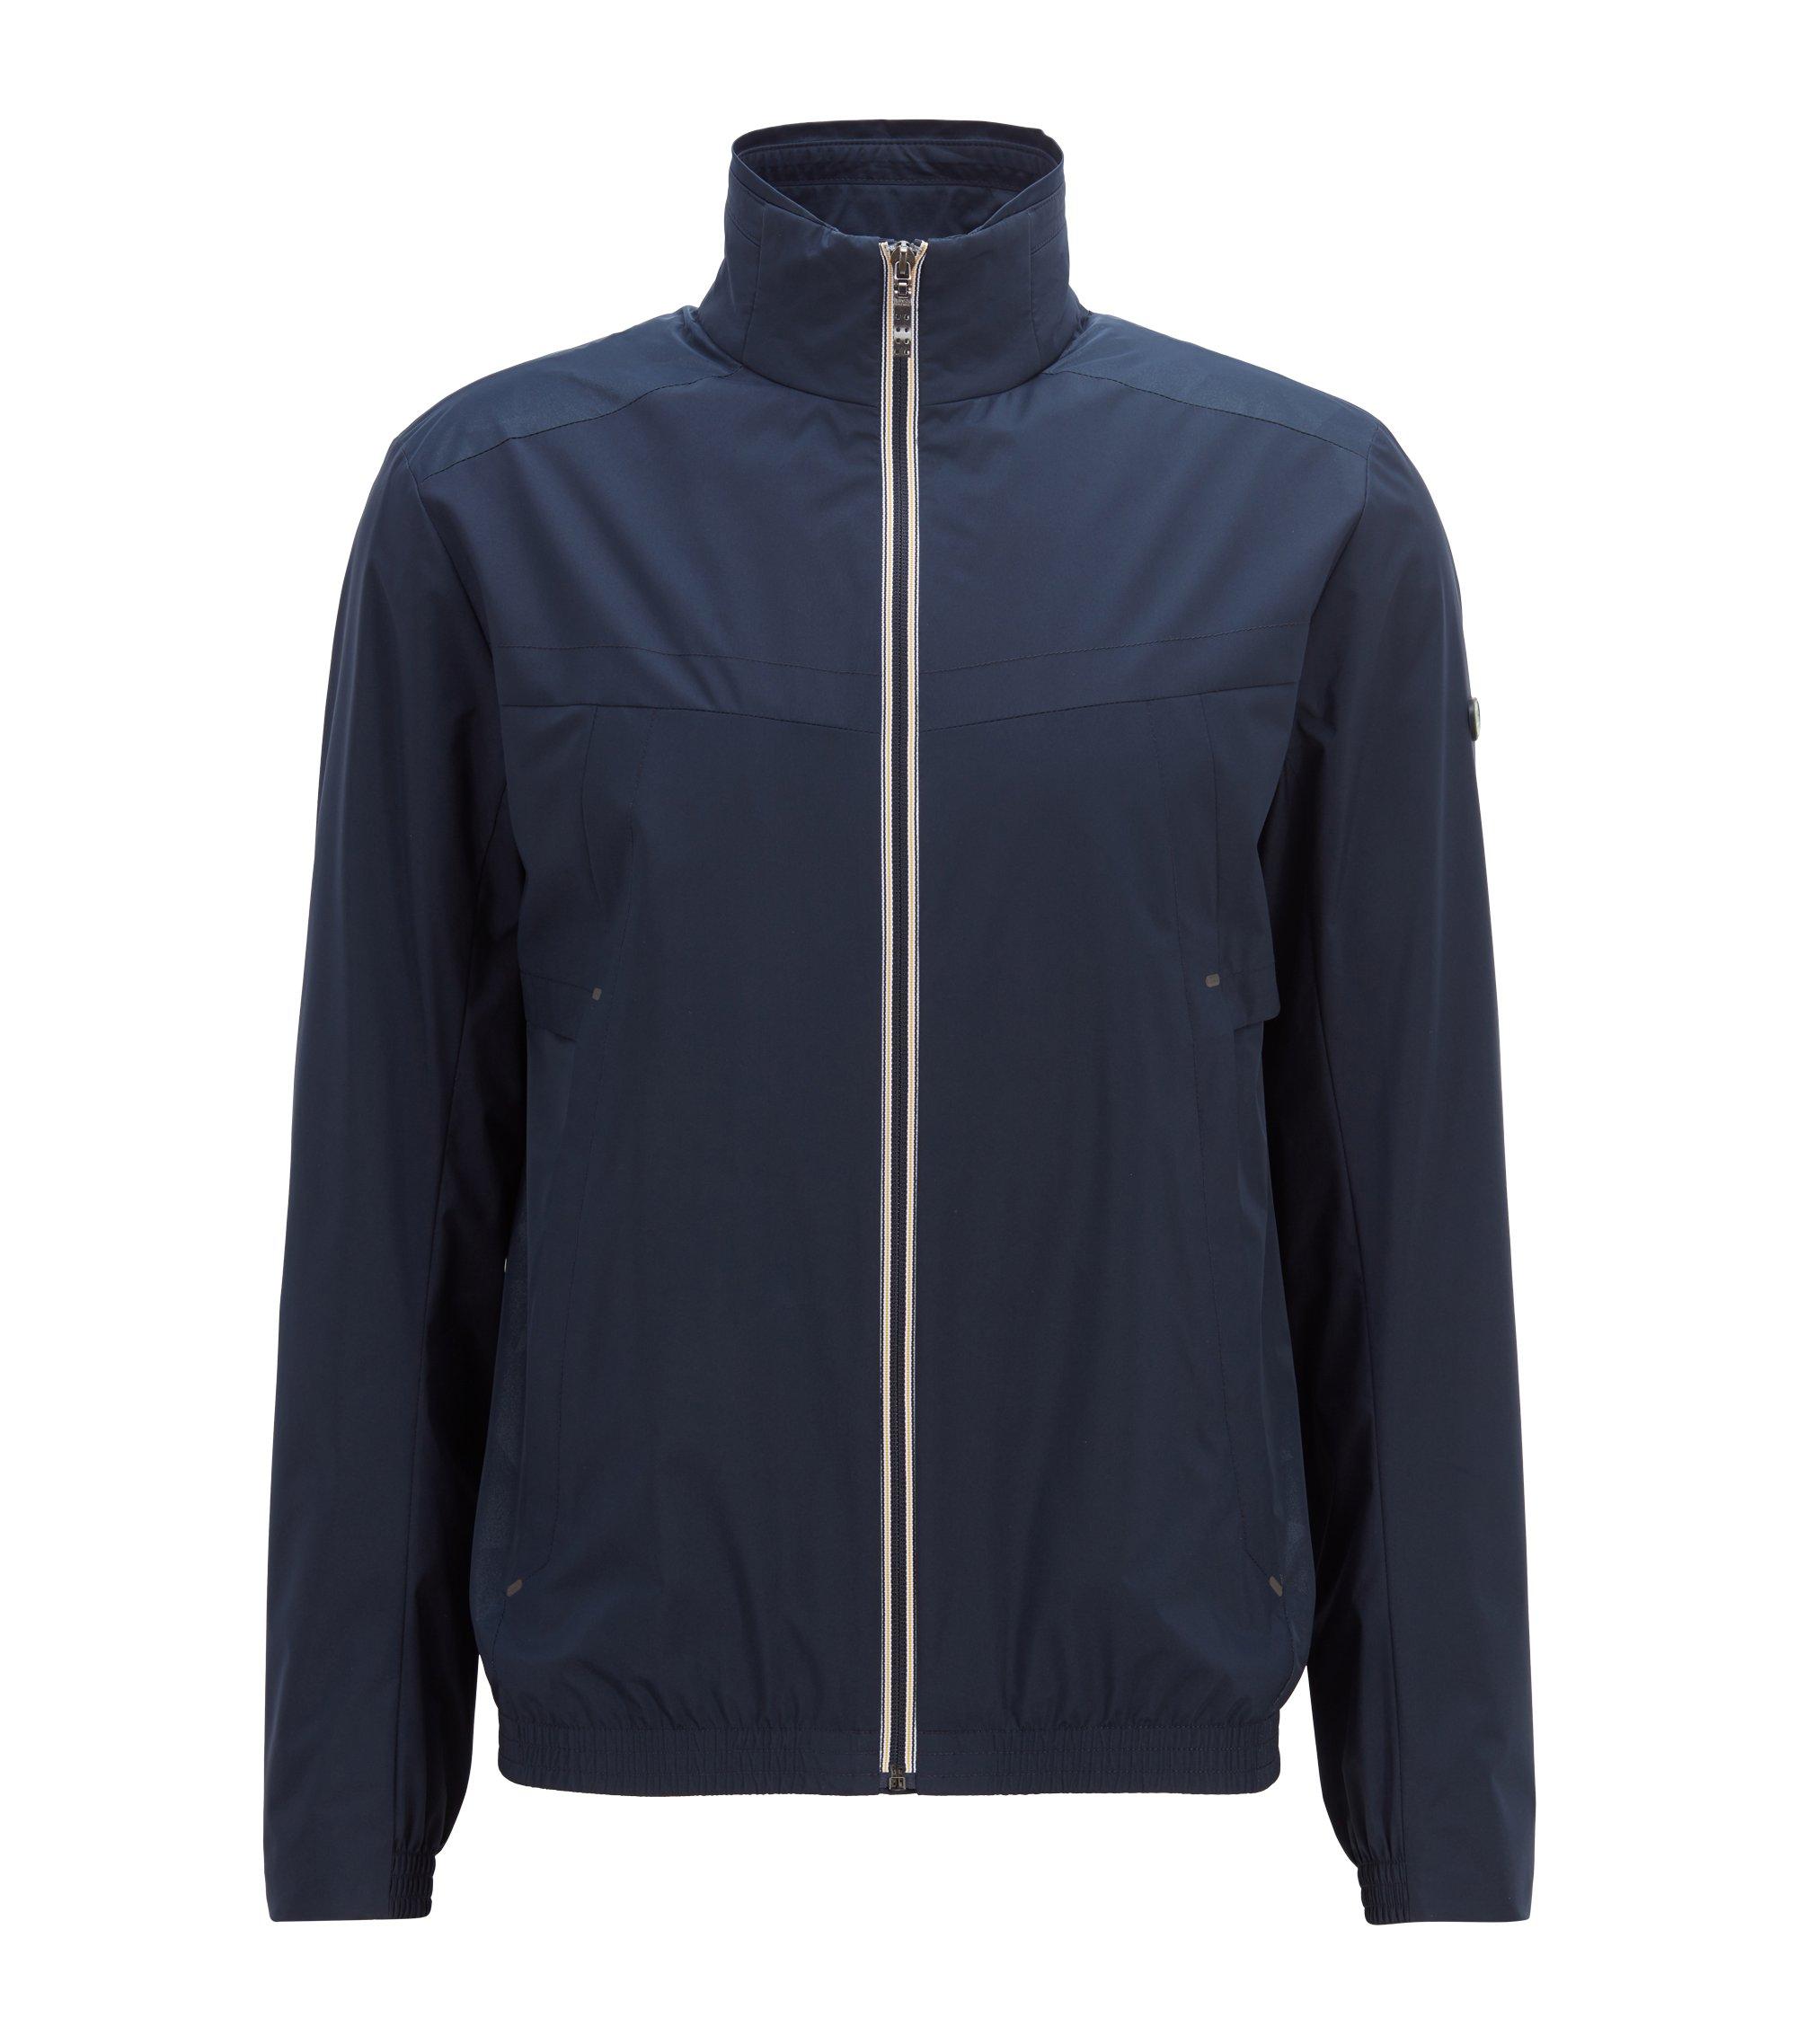 Waterdichte jas van dubbellaags, zacht, gelamineerd materiaal, Donkerblauw